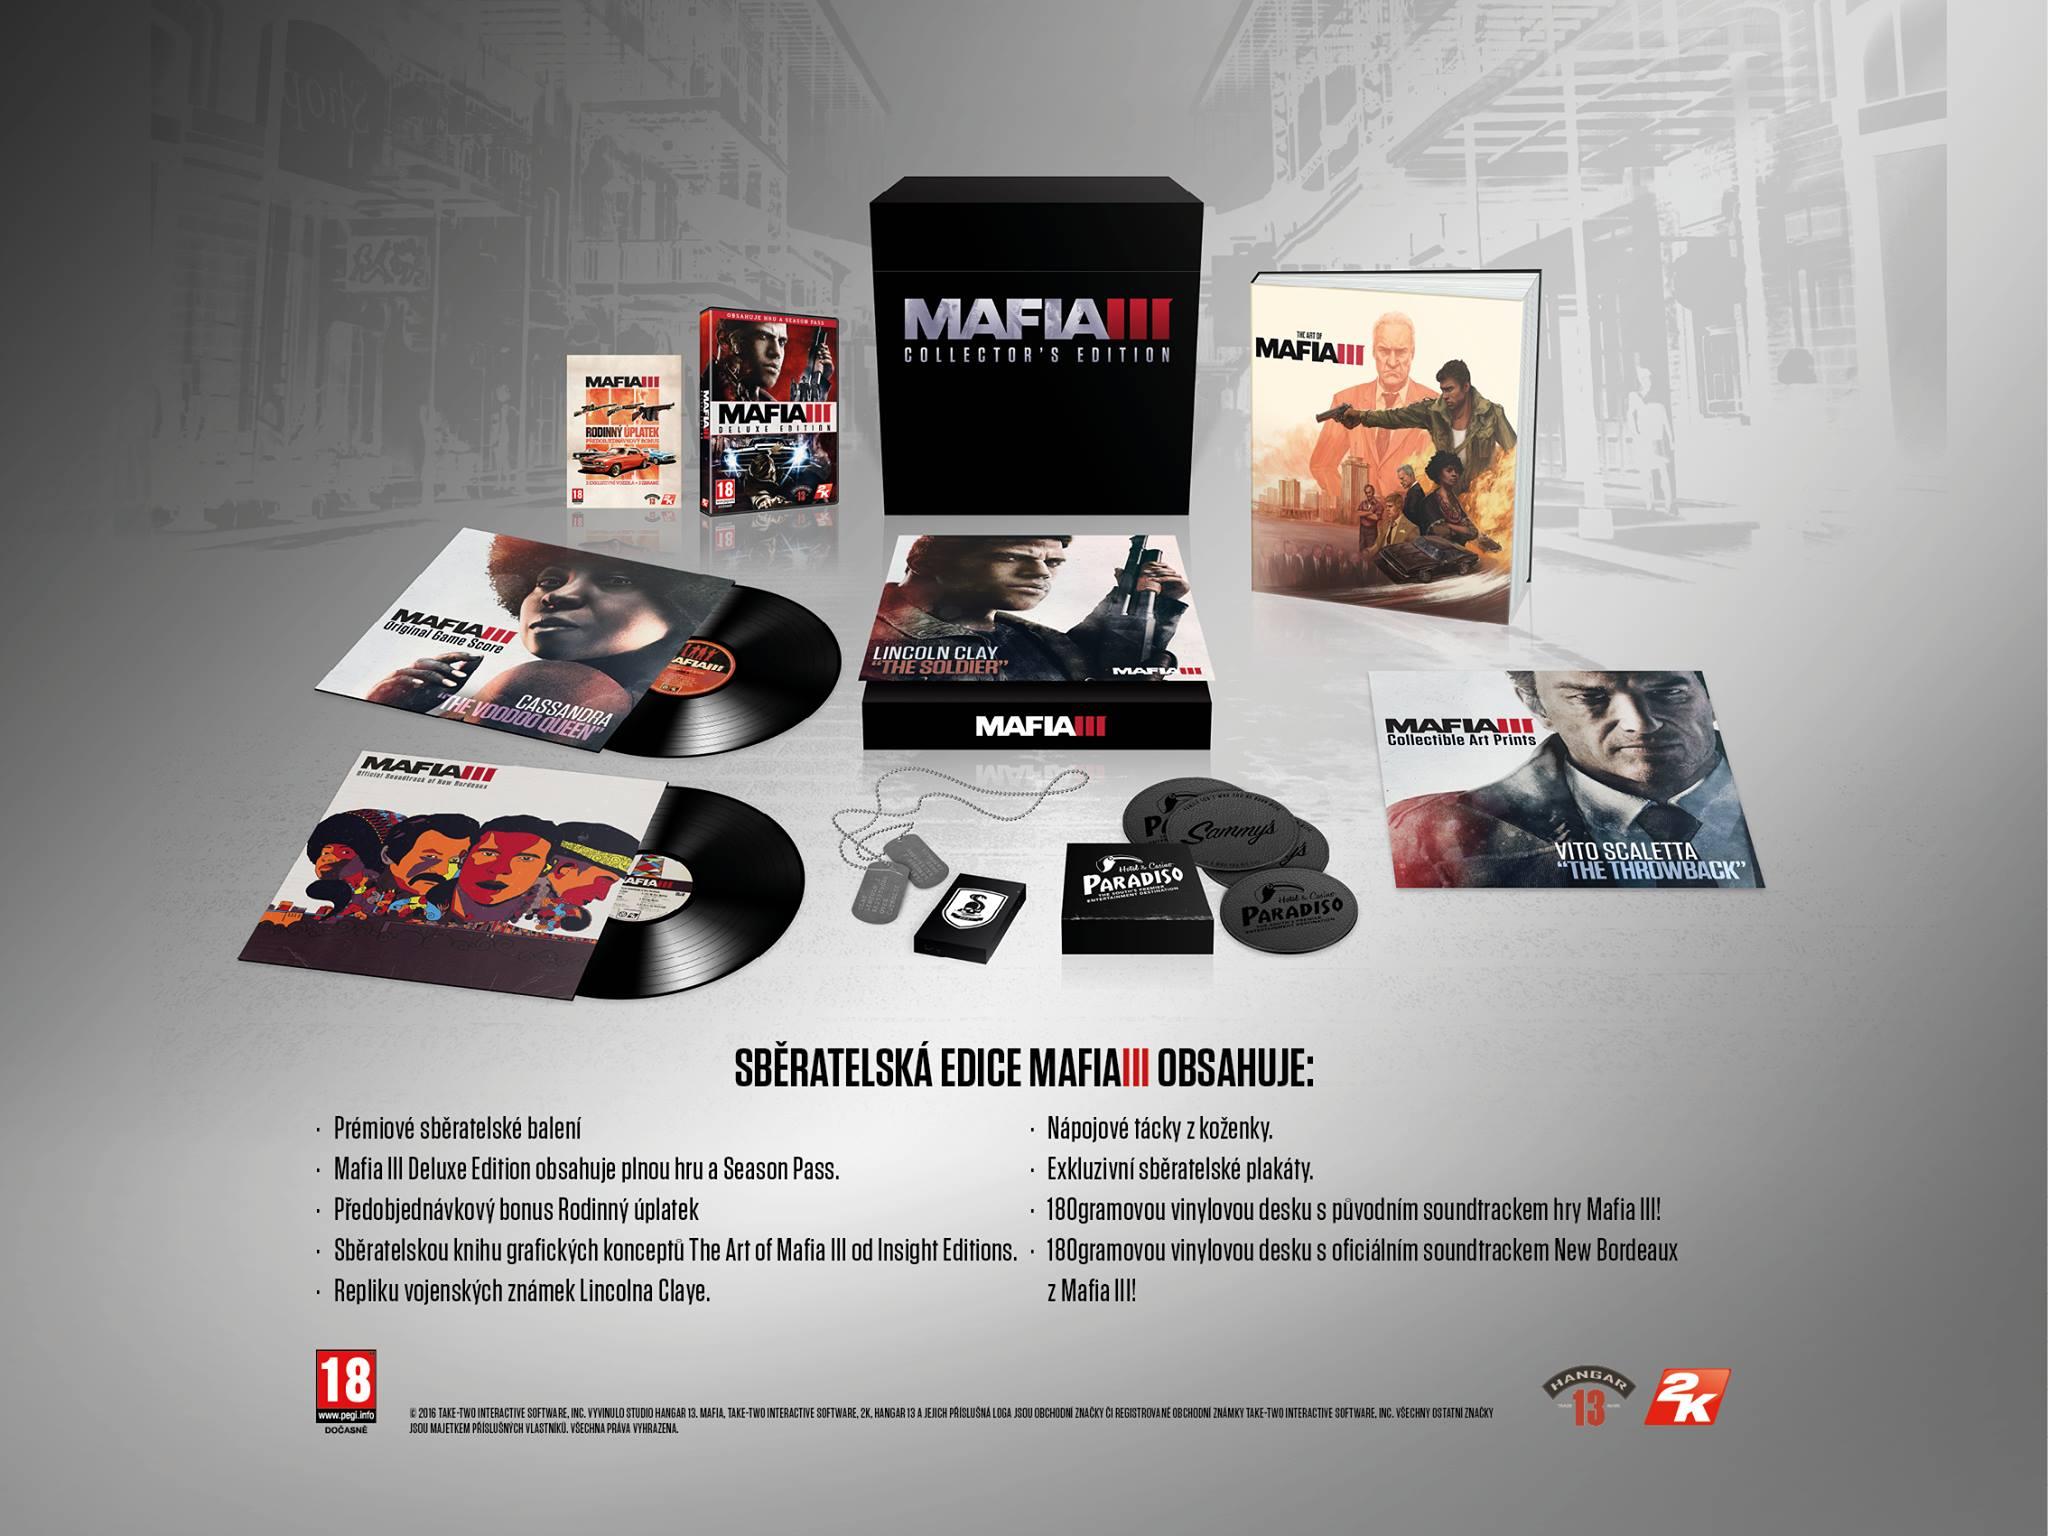 Mafia 3 - sběratelská edice